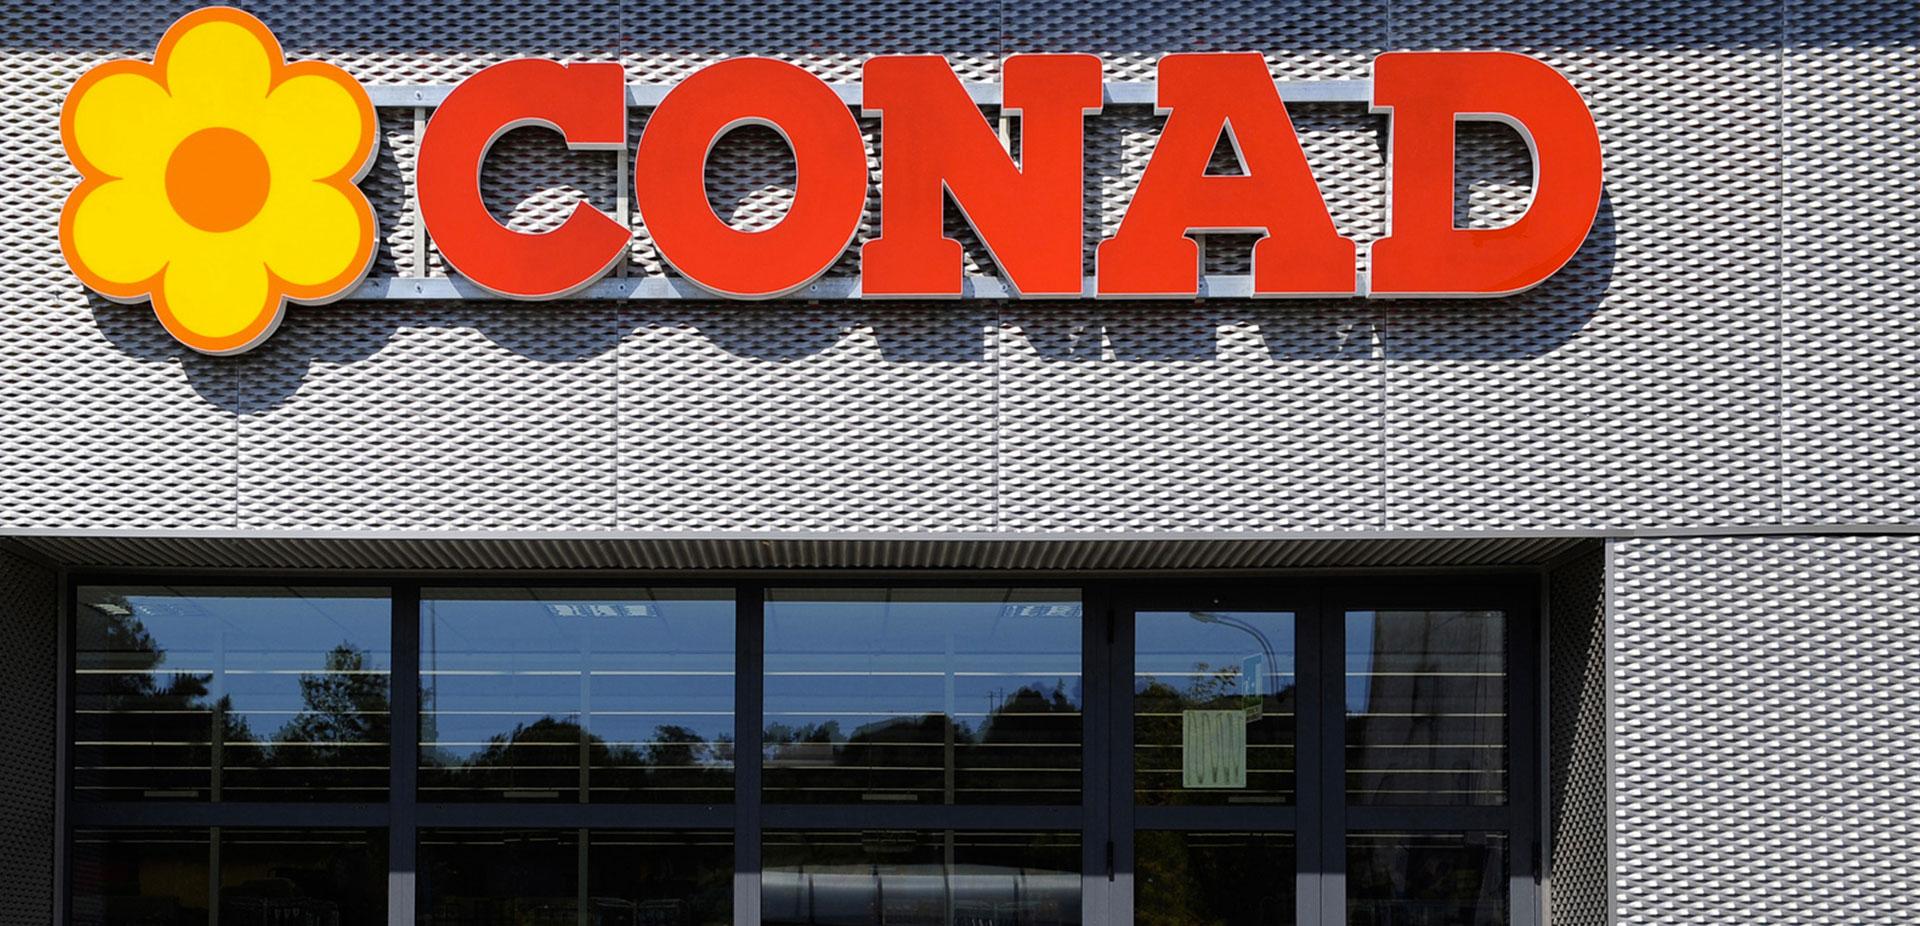 Conad ulassai orari di apertura supermarket for Orari apertura bricoman cagliari